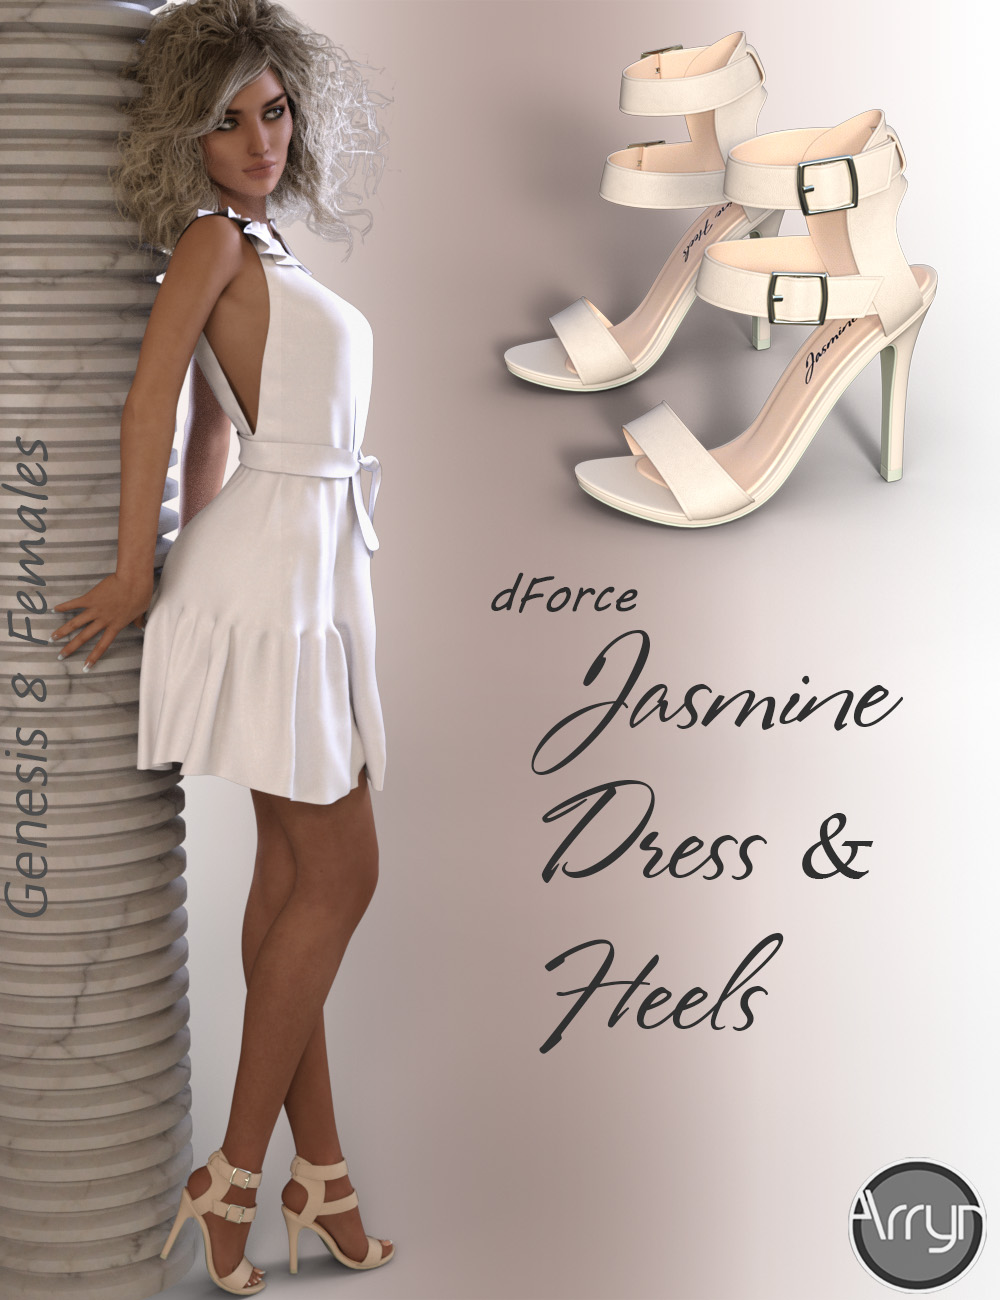 dForce Jasmine Outfit for Genesis 8 Female(s) by: OnnelArryn, 3D Models by Daz 3D